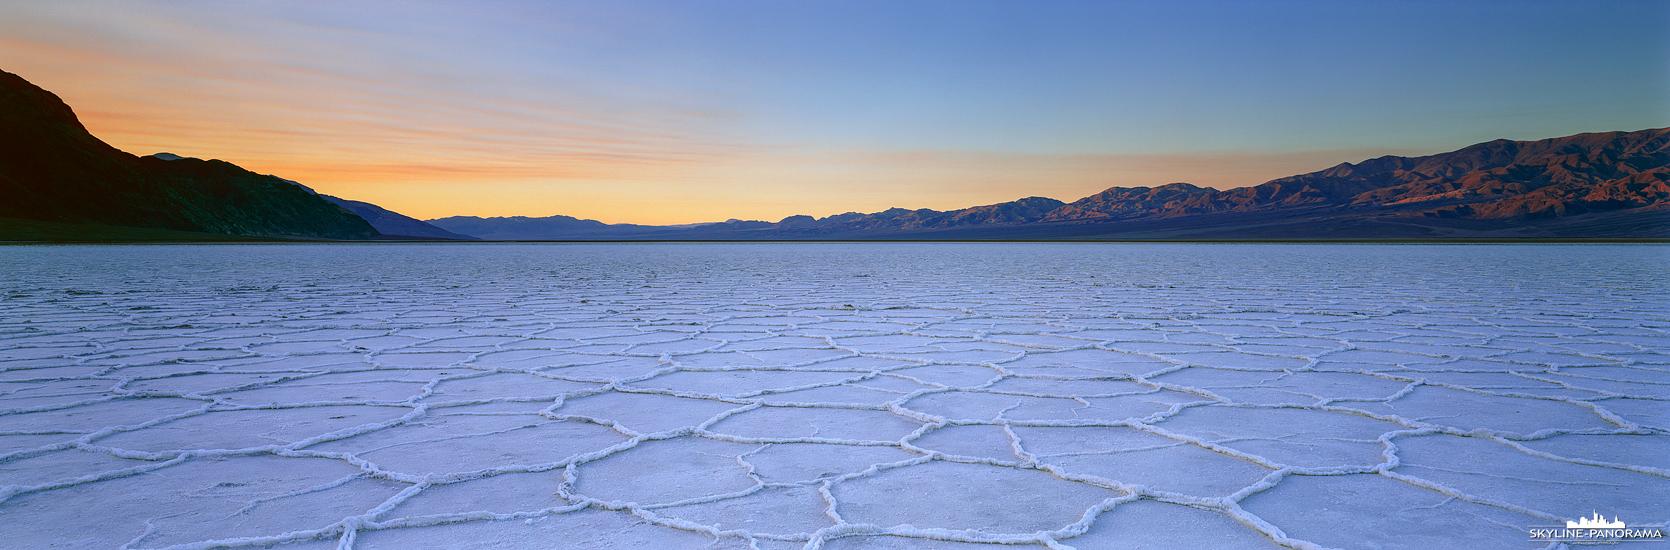 USA Panorama - Eine der bekanntesten Sehenswürdigkeiten im Death Valley Nationalpark in Kalifornien ist Badwater Basin mit den Salt Flats, einer großen Salzebene, die bekannt dafür ist, dass sie ca. 86 m unter dem Meeresspiegel liegt und damit der tiefste Punkt von Nordamerika ist. Das hier gezeigte Panorama im Format 6x17 ist zum Sonnenaufgang entstanden und zeigt den Blick aus dem Valley in Richtung Osten.